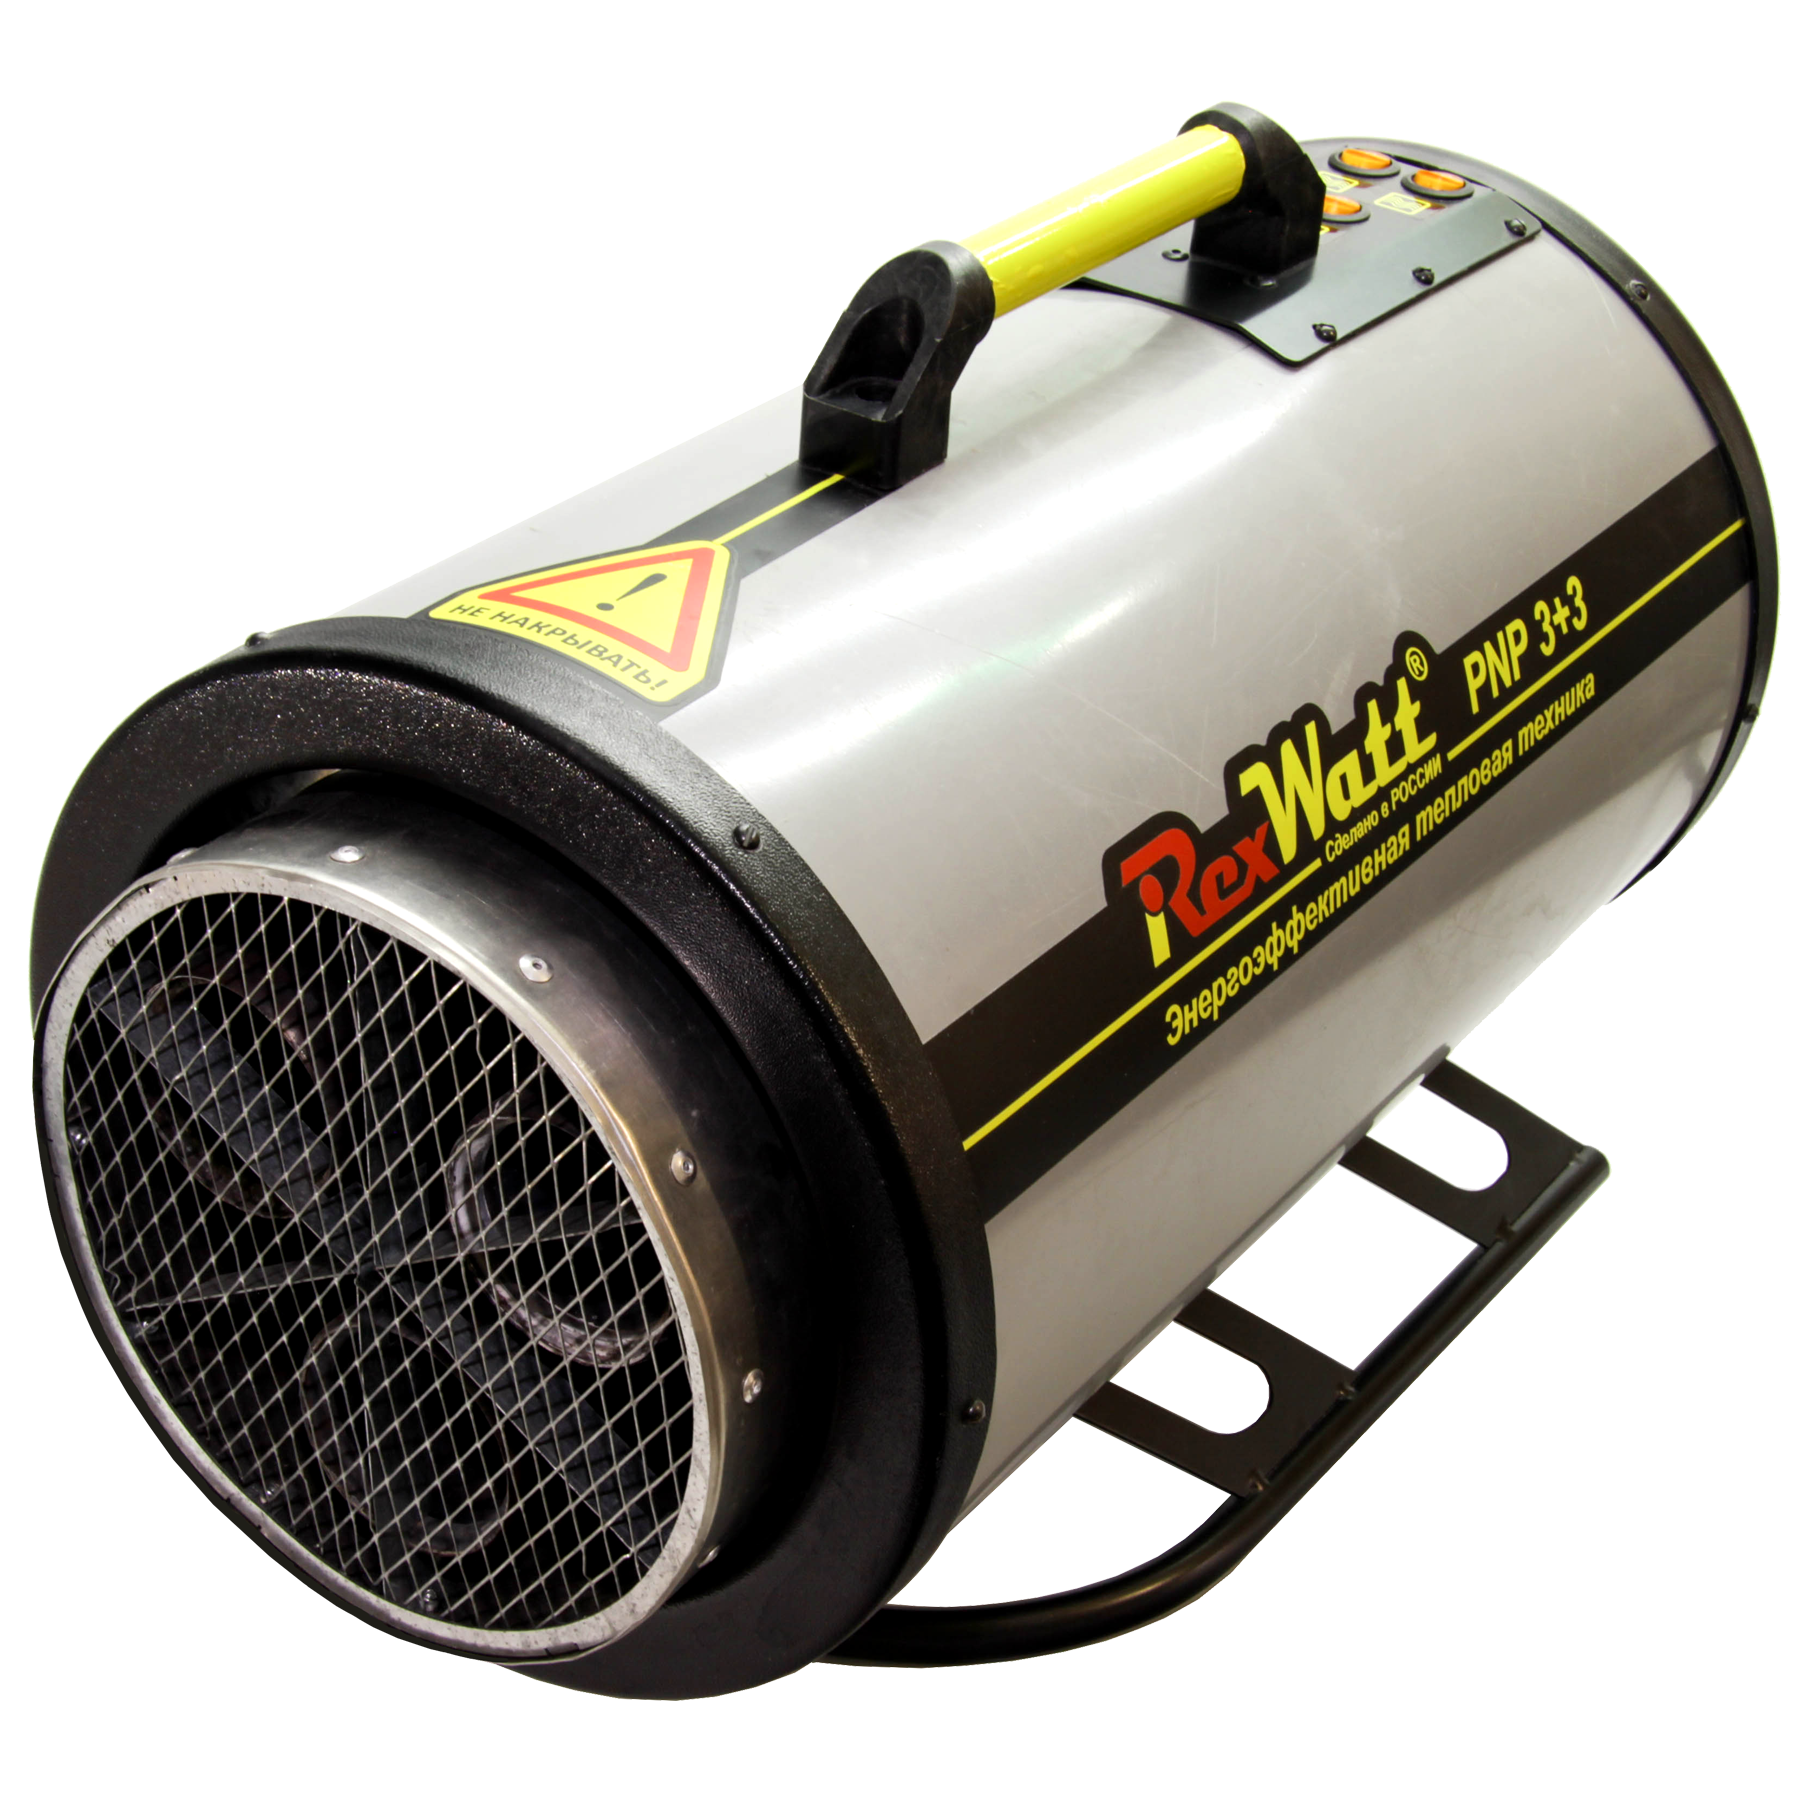 Газовые пушки для натяжных потолков или электрические, как выбрать: инструкция, фото и видео